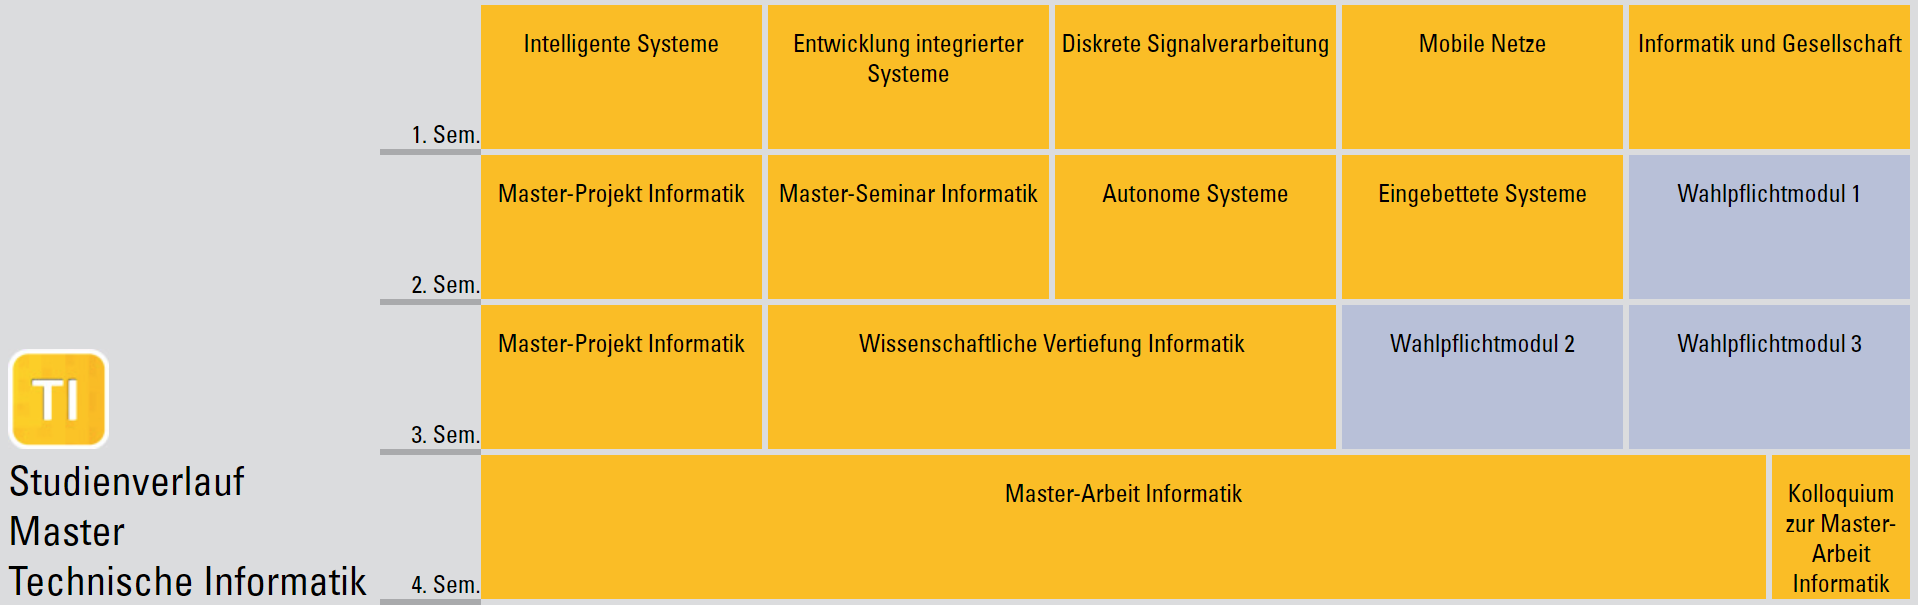 Studienverlaufsplan Master Informatik (Studienrichtung Technische Informatik)